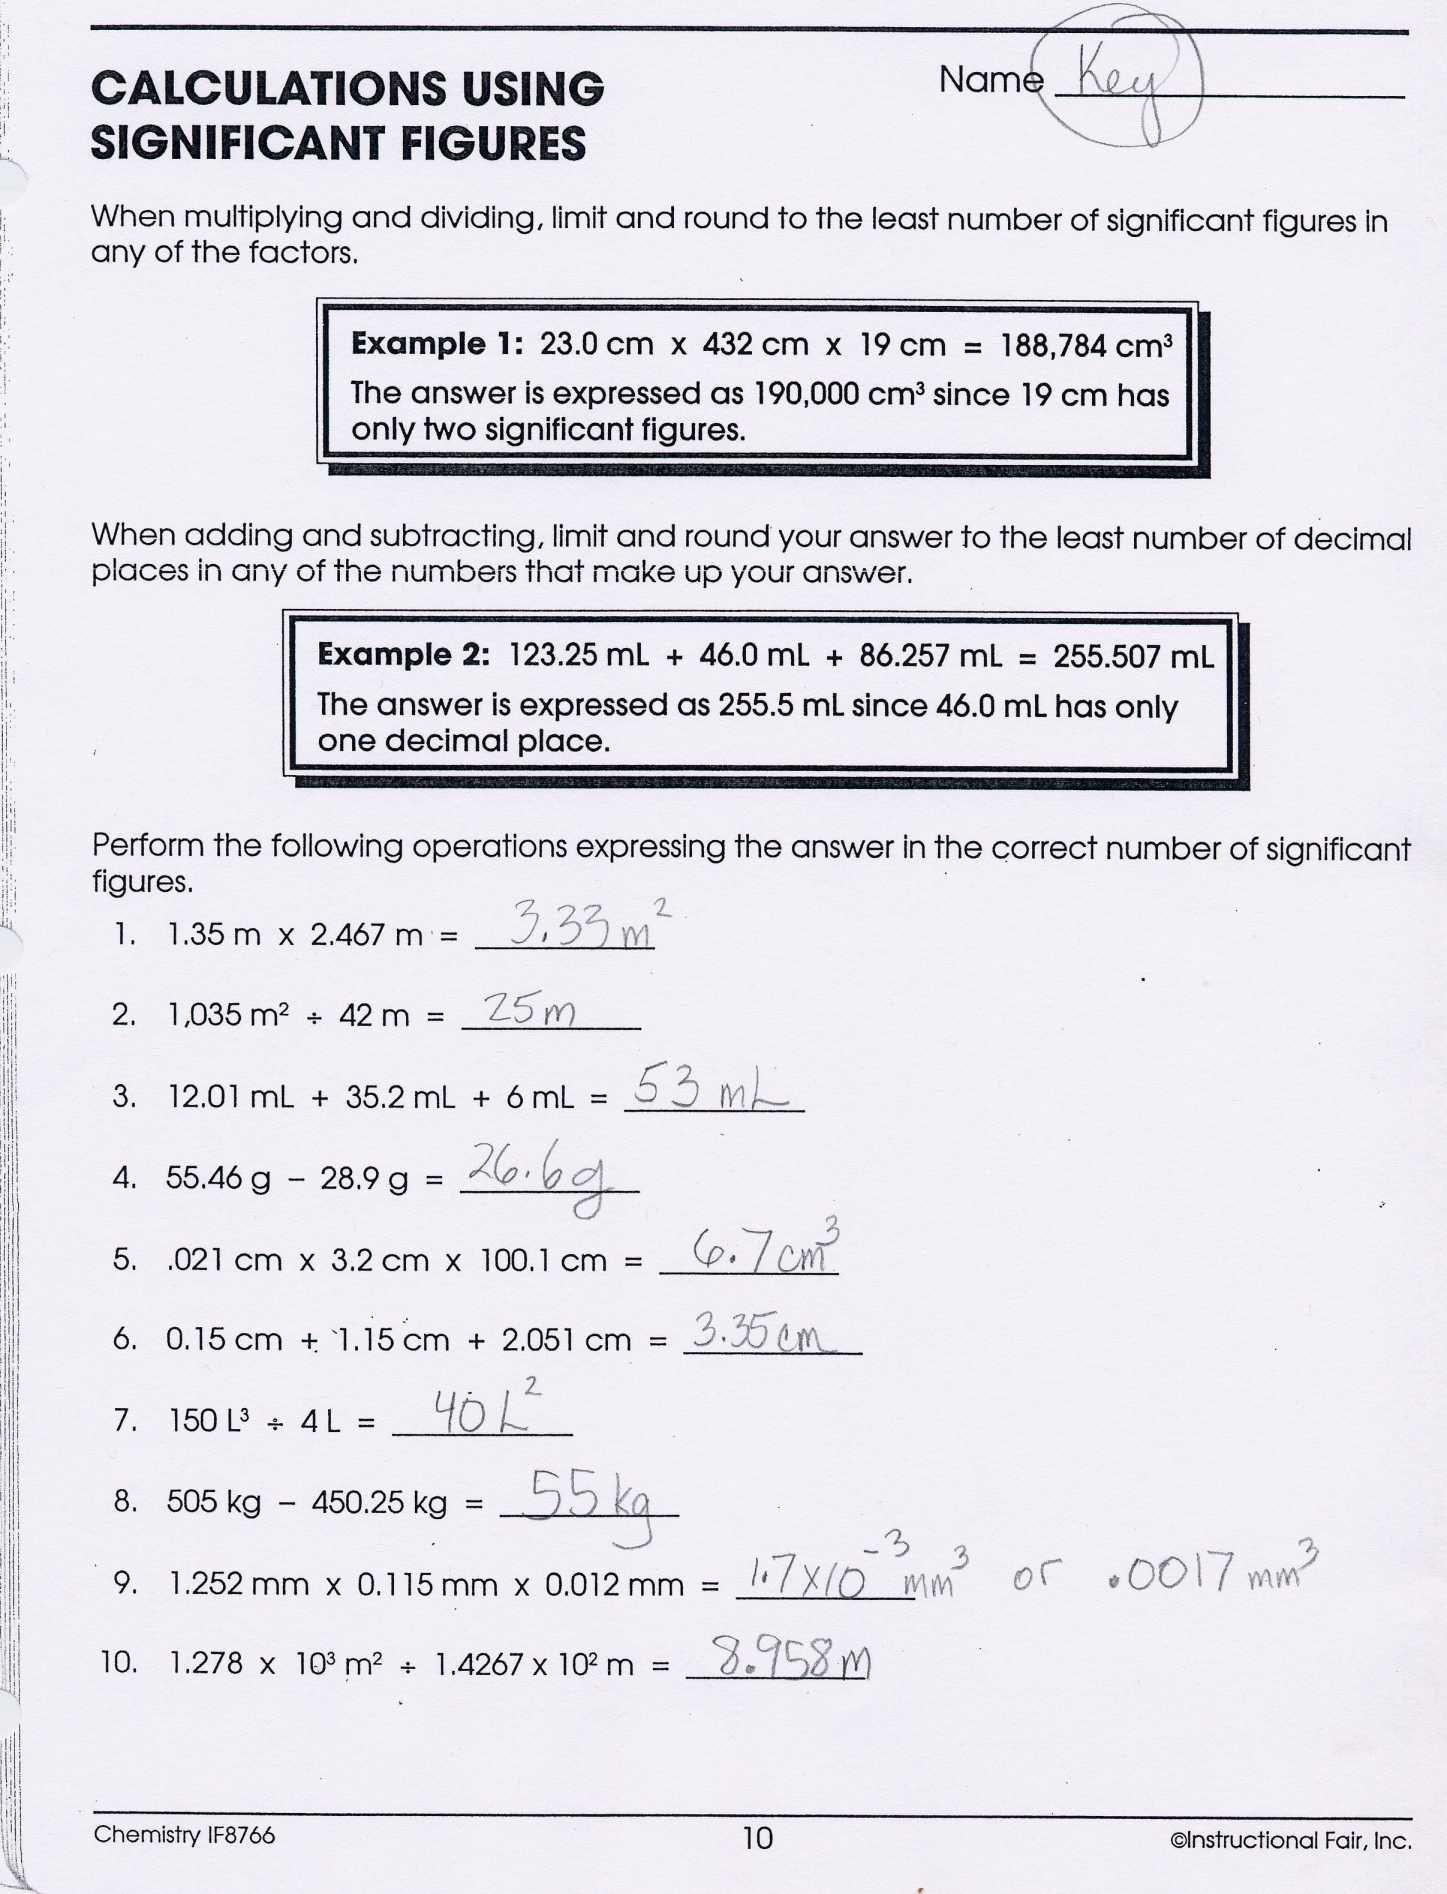 Electron Configuration Worksheet Answers Key Electron Configuration Worksheet Section 5 3